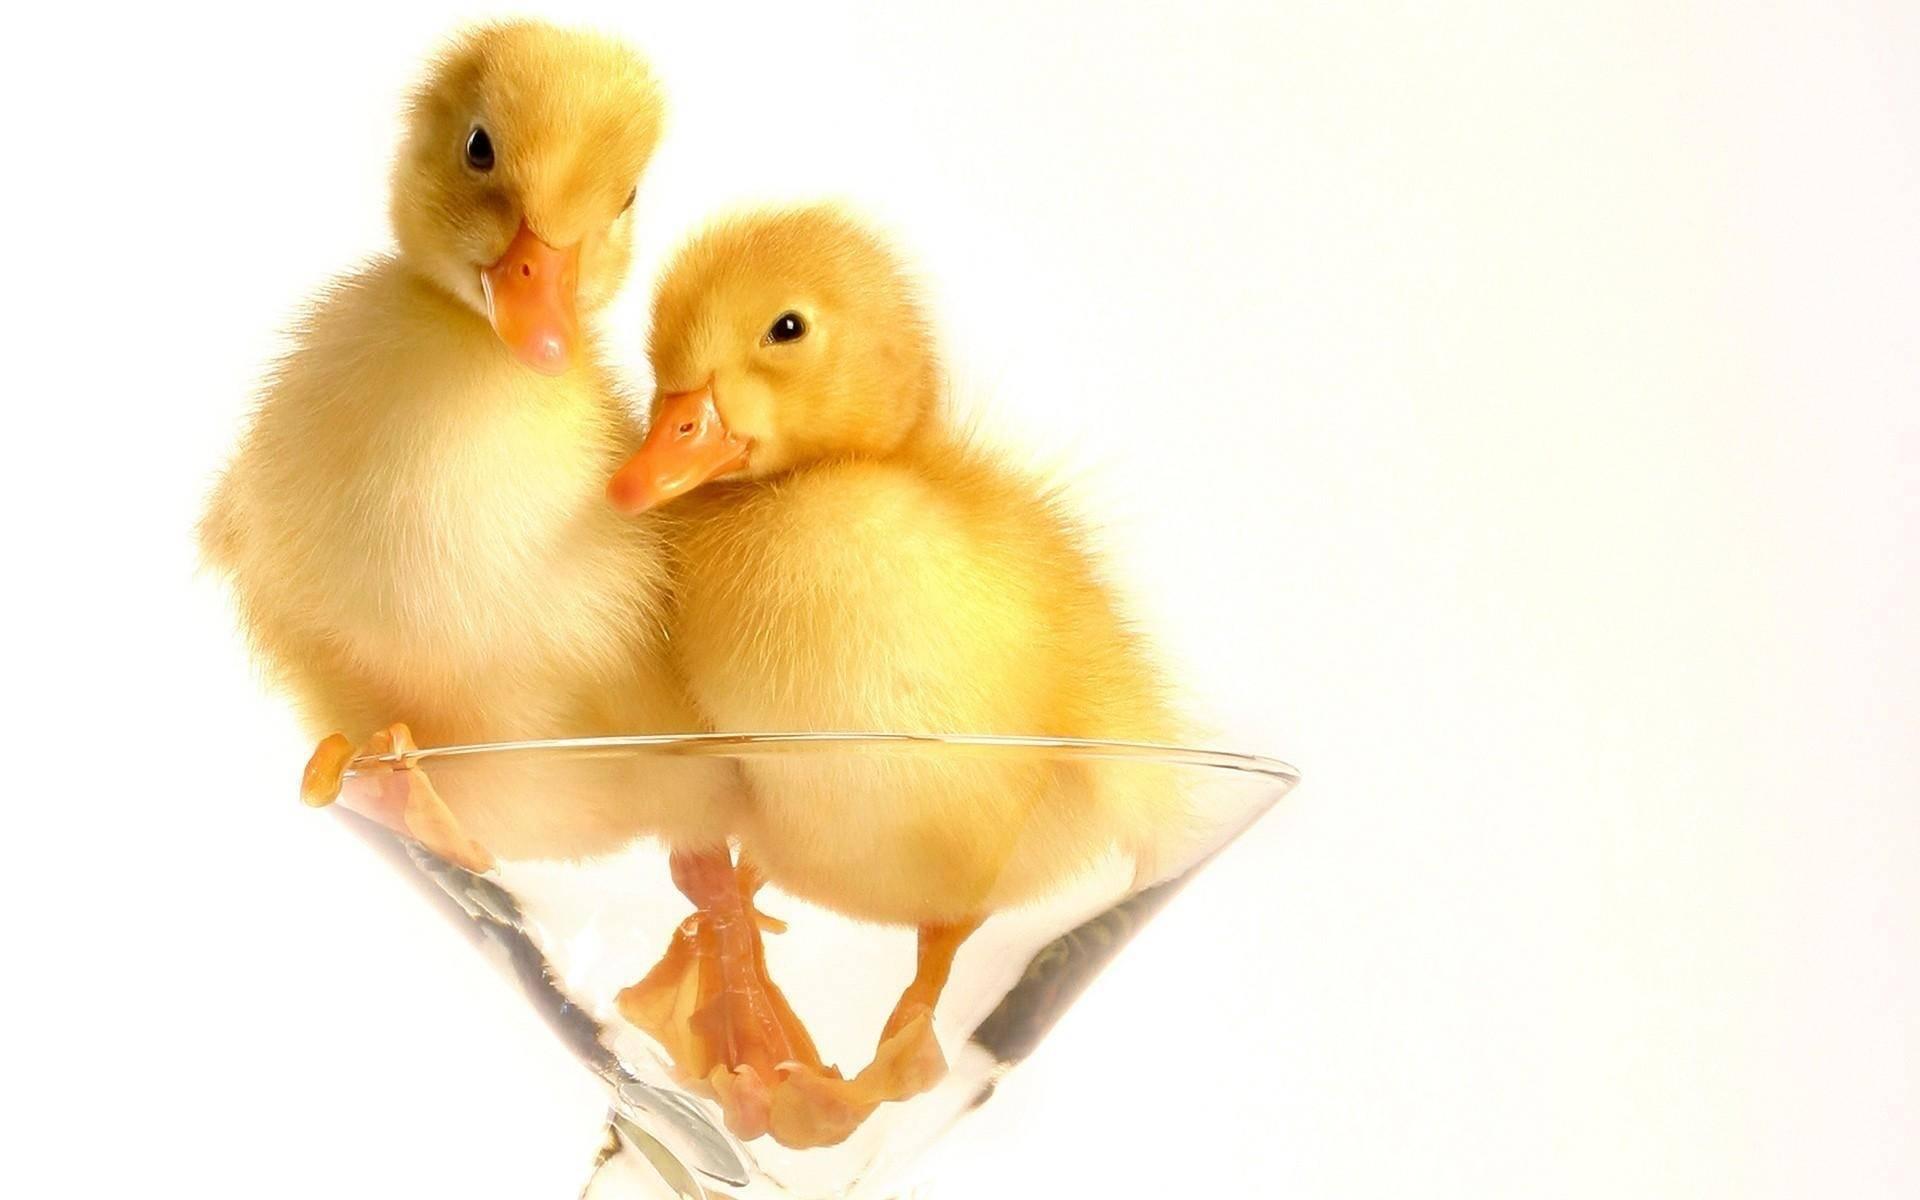 Развитие цыпленка в яйце по дням: сроки и этапы формирования зародыша